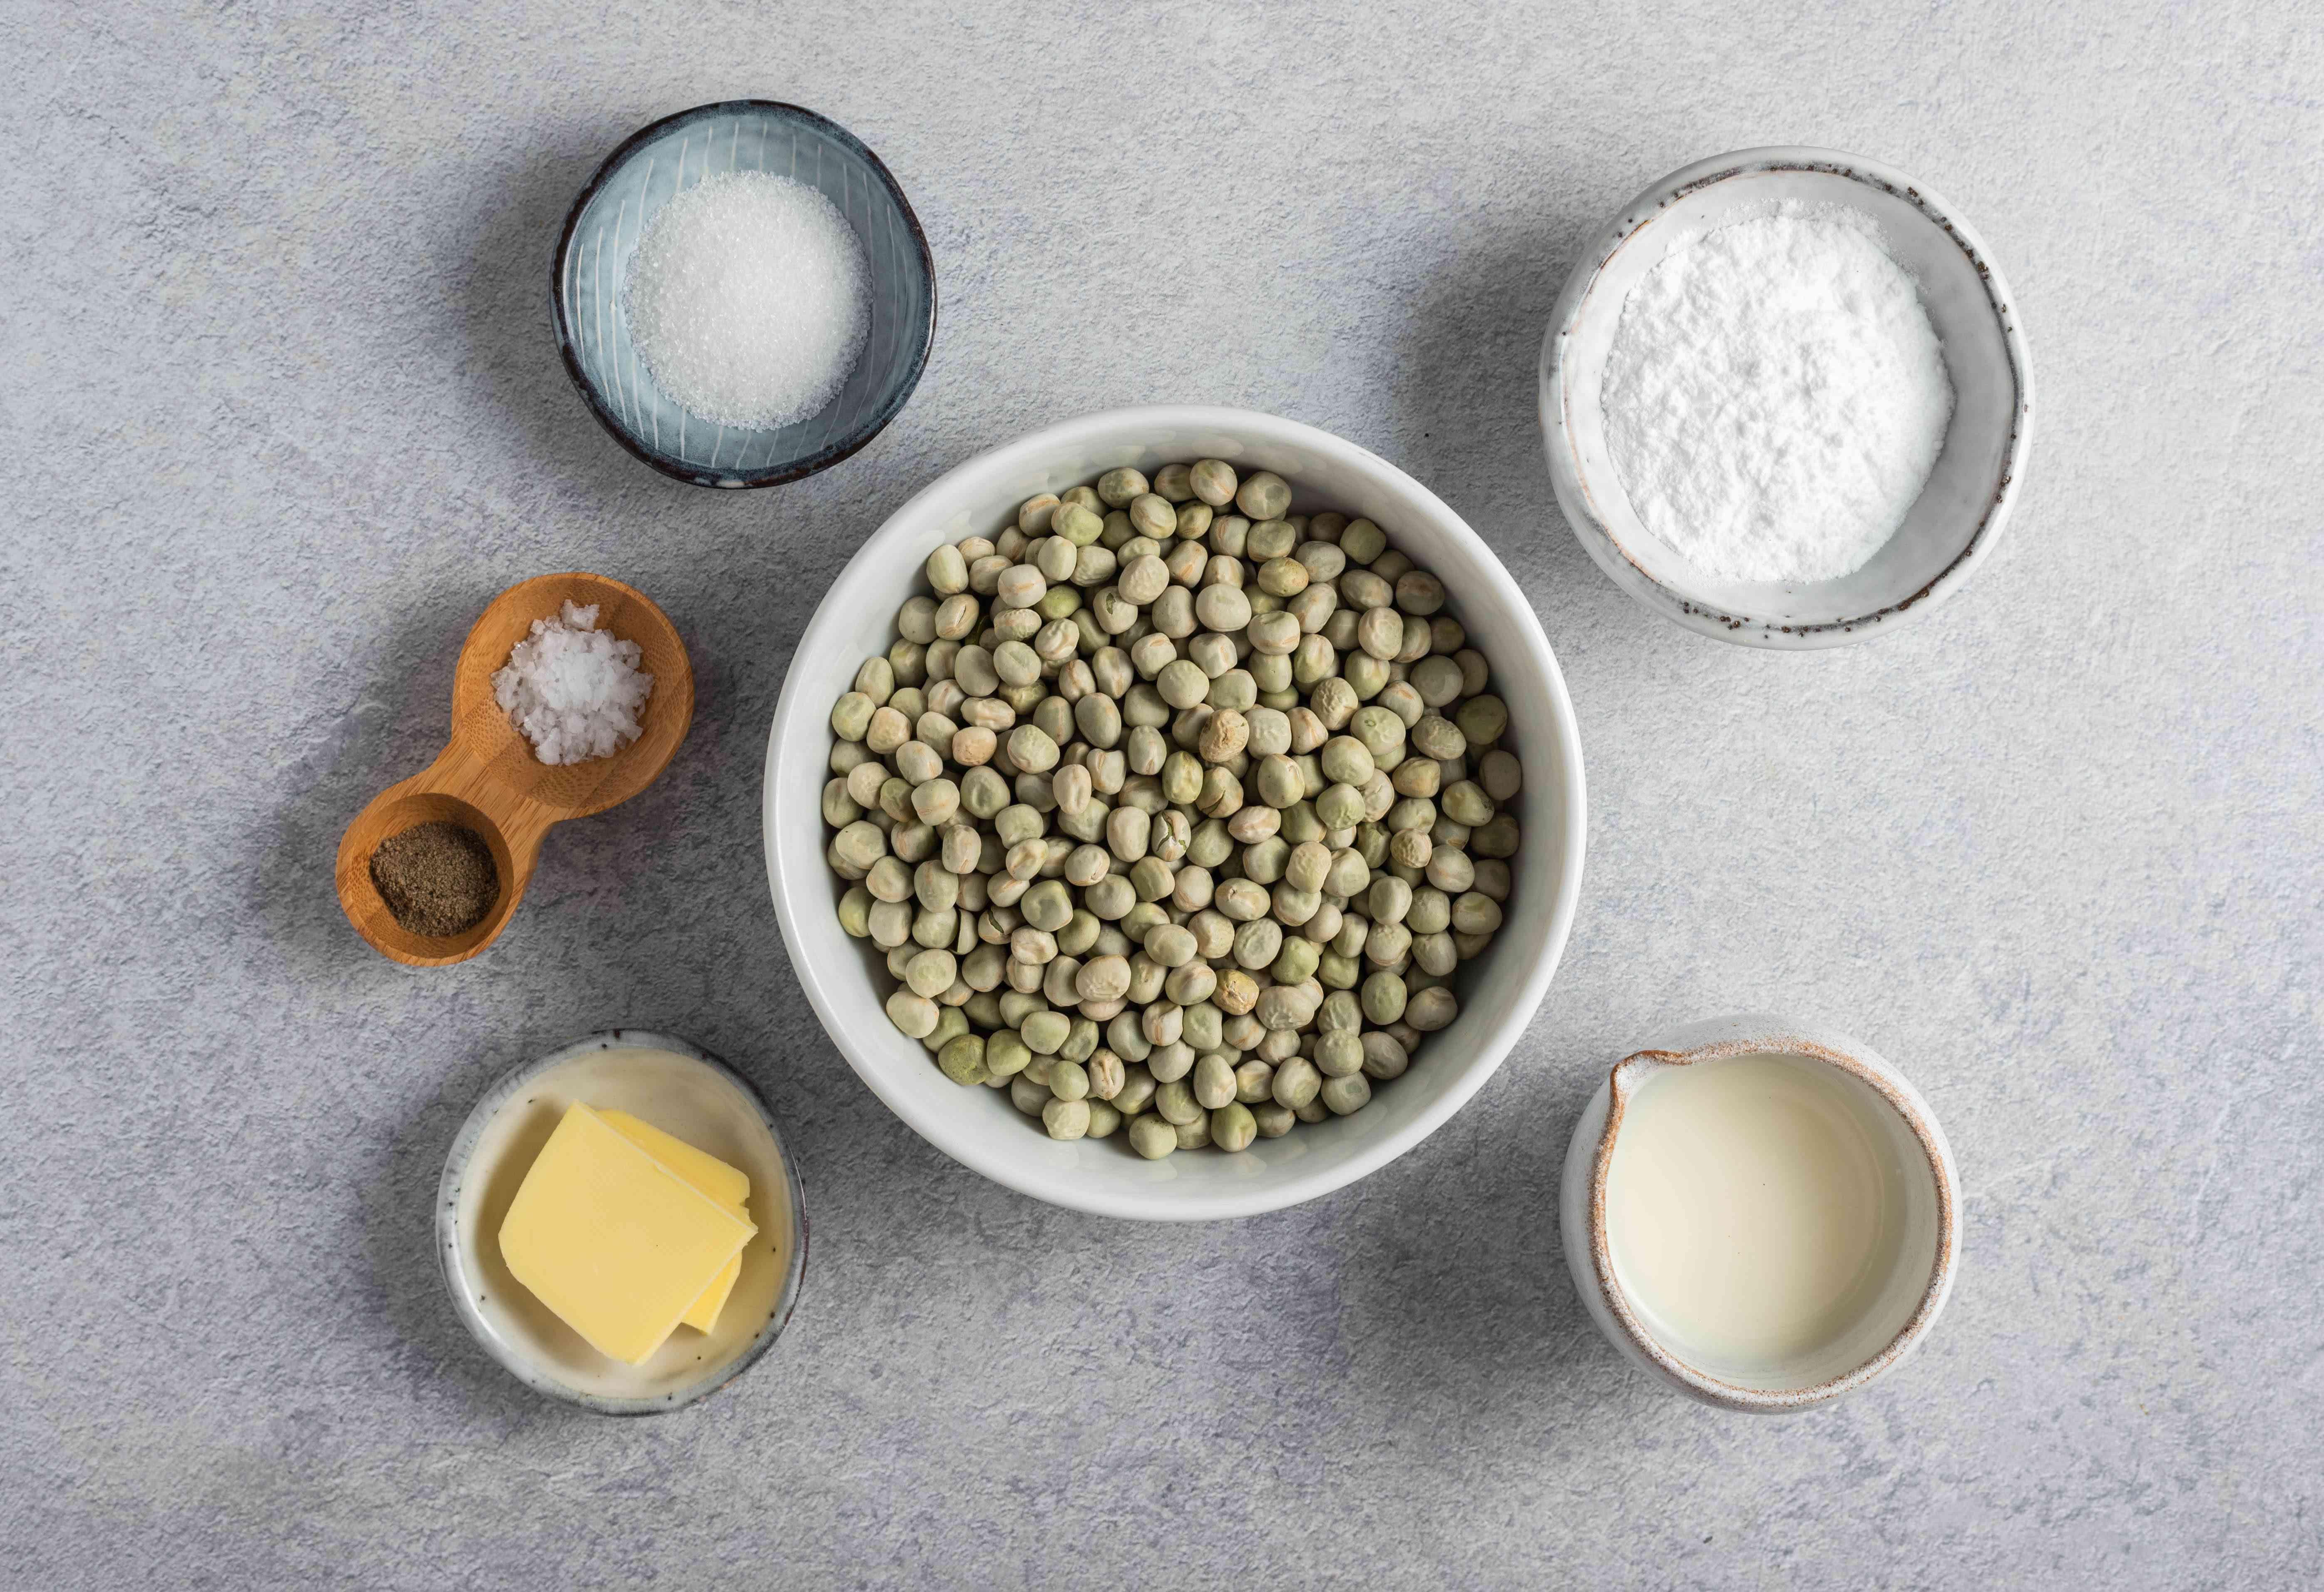 Ingredients for mushy peas